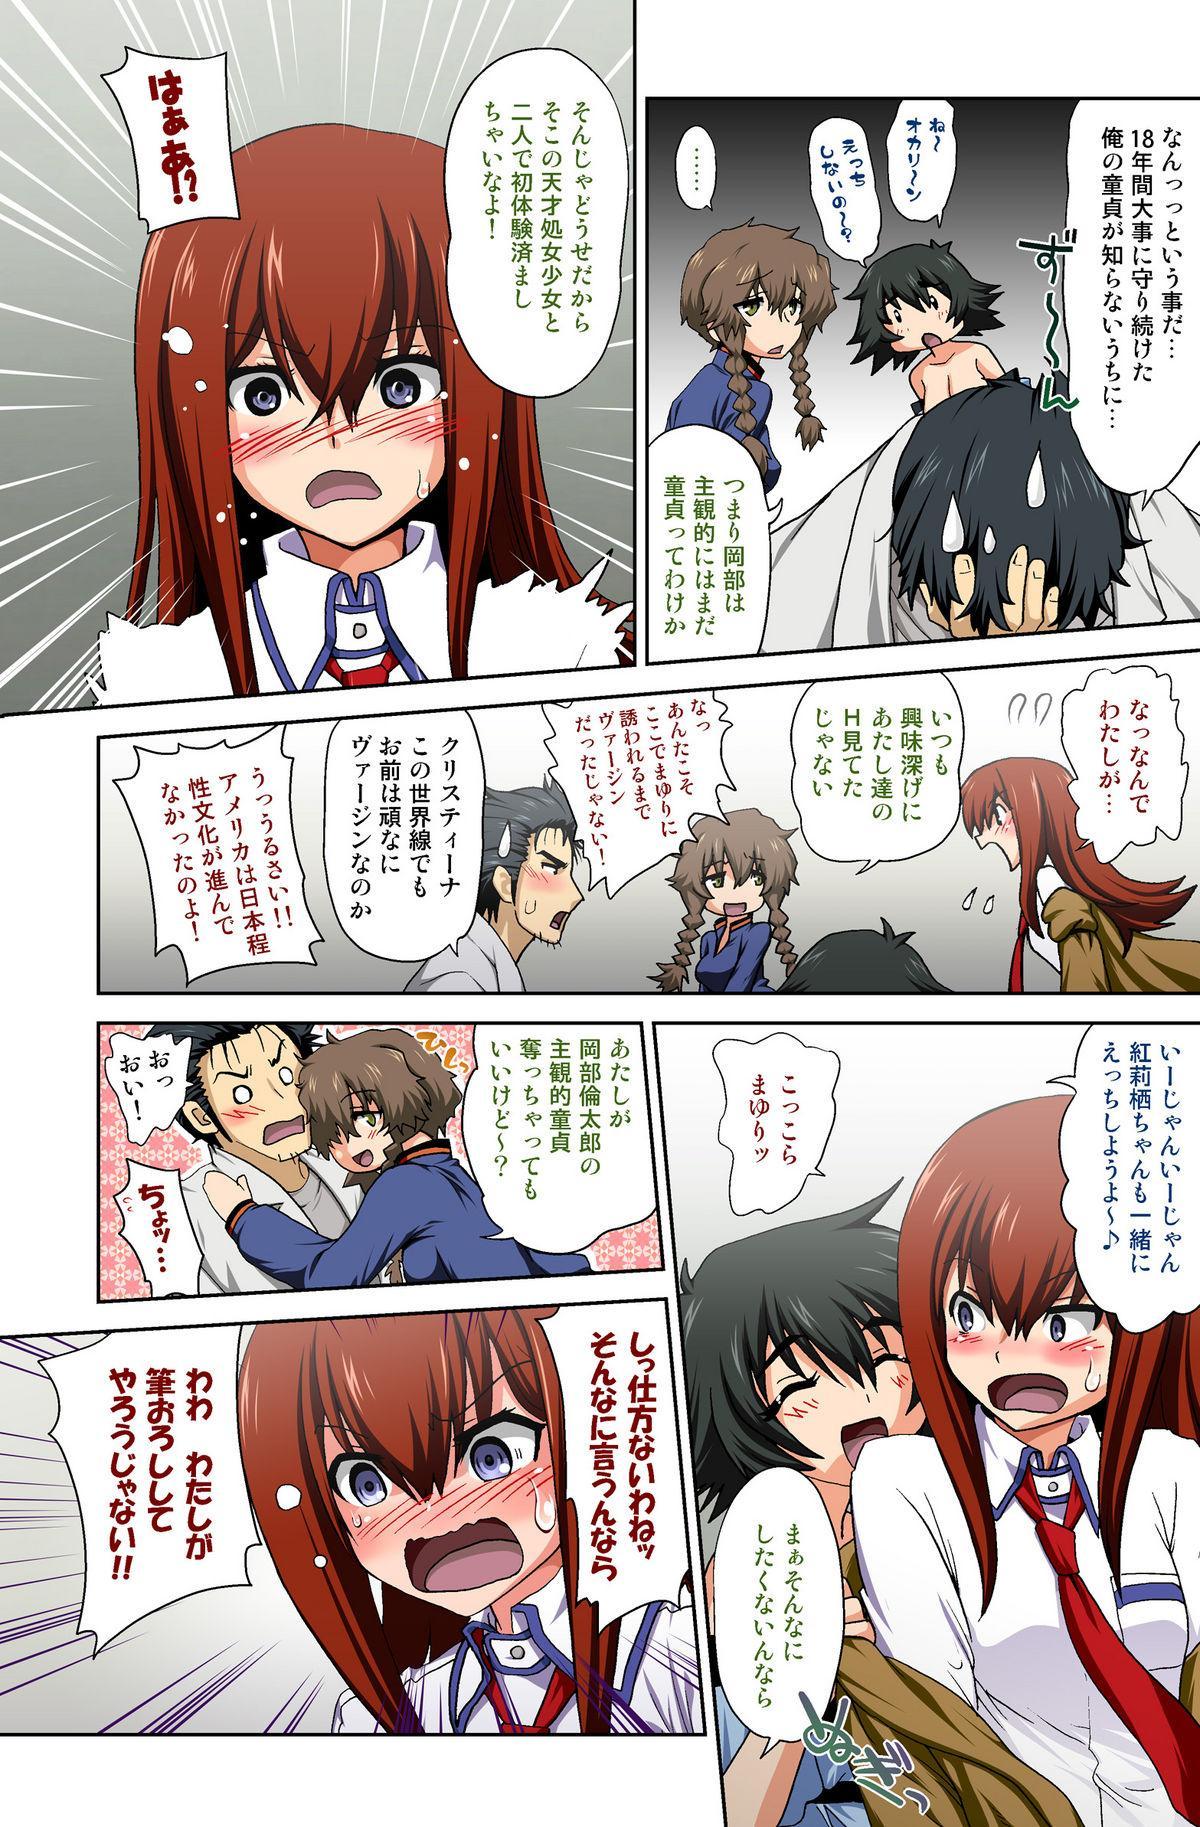 Shinsei Fukashin no Recorrection 3